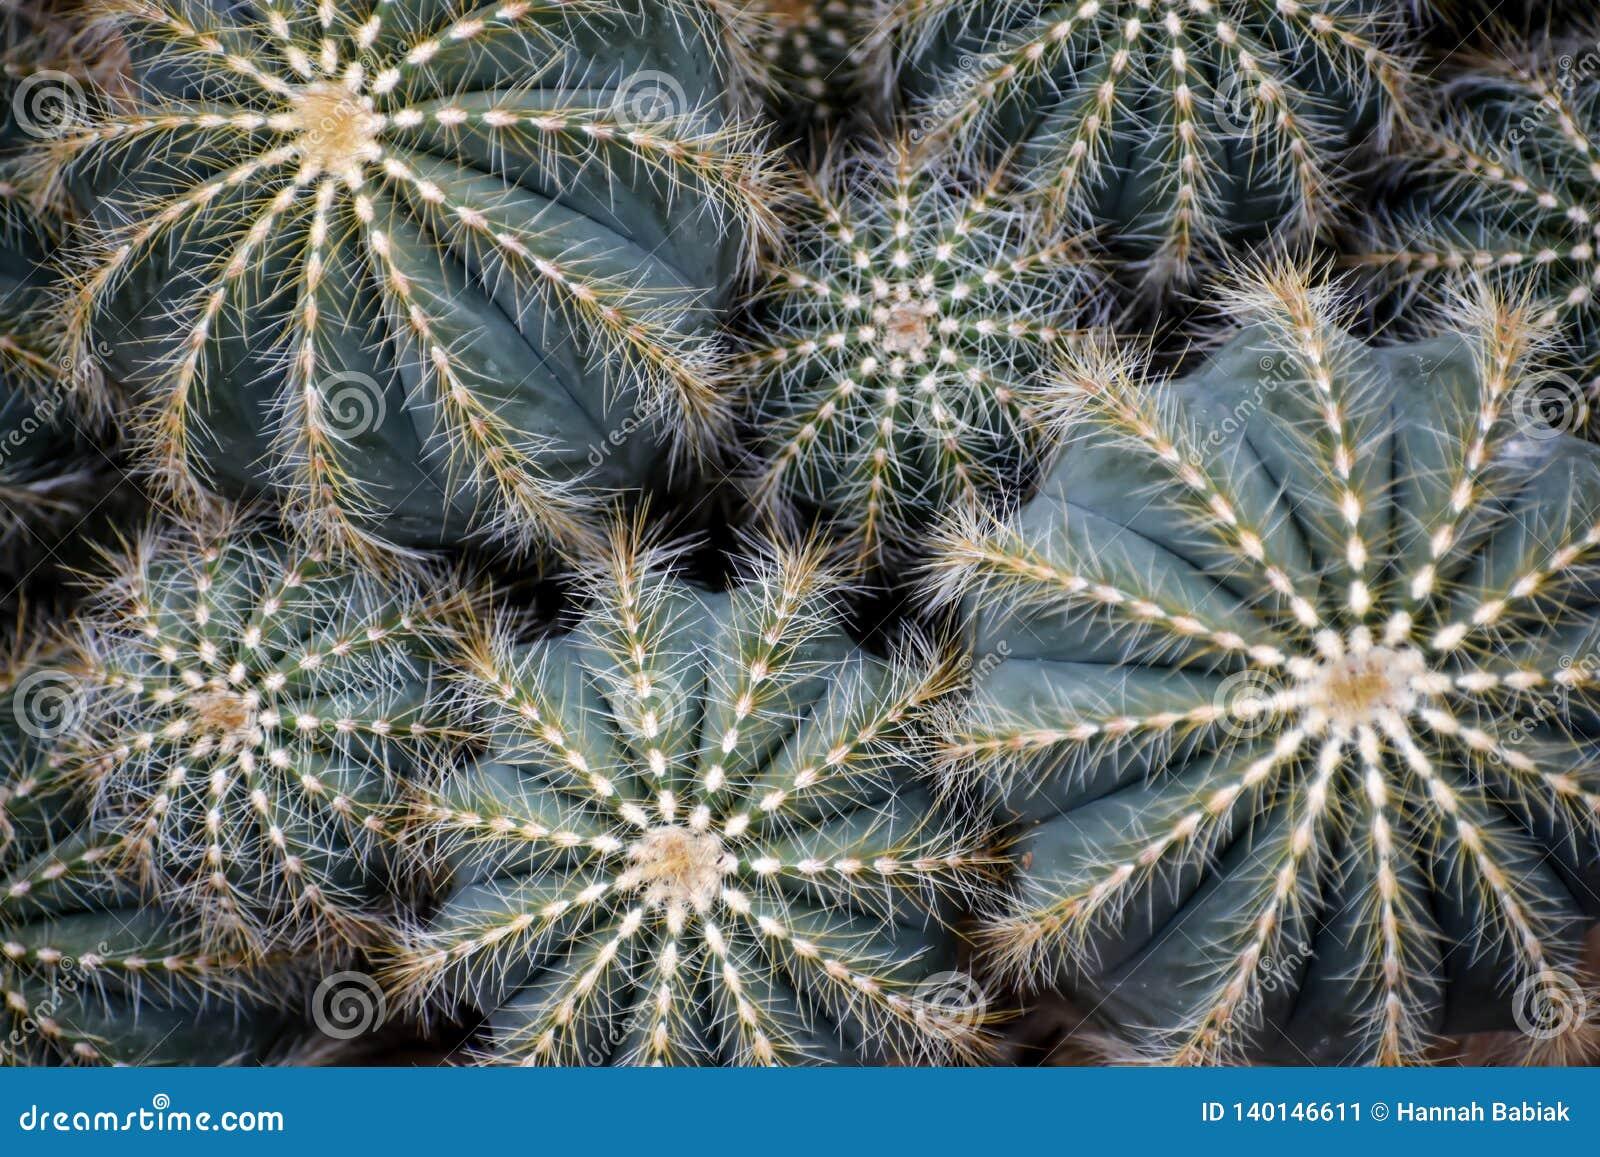 Verschillende Met maat Succulents, Cactus met Pricklies